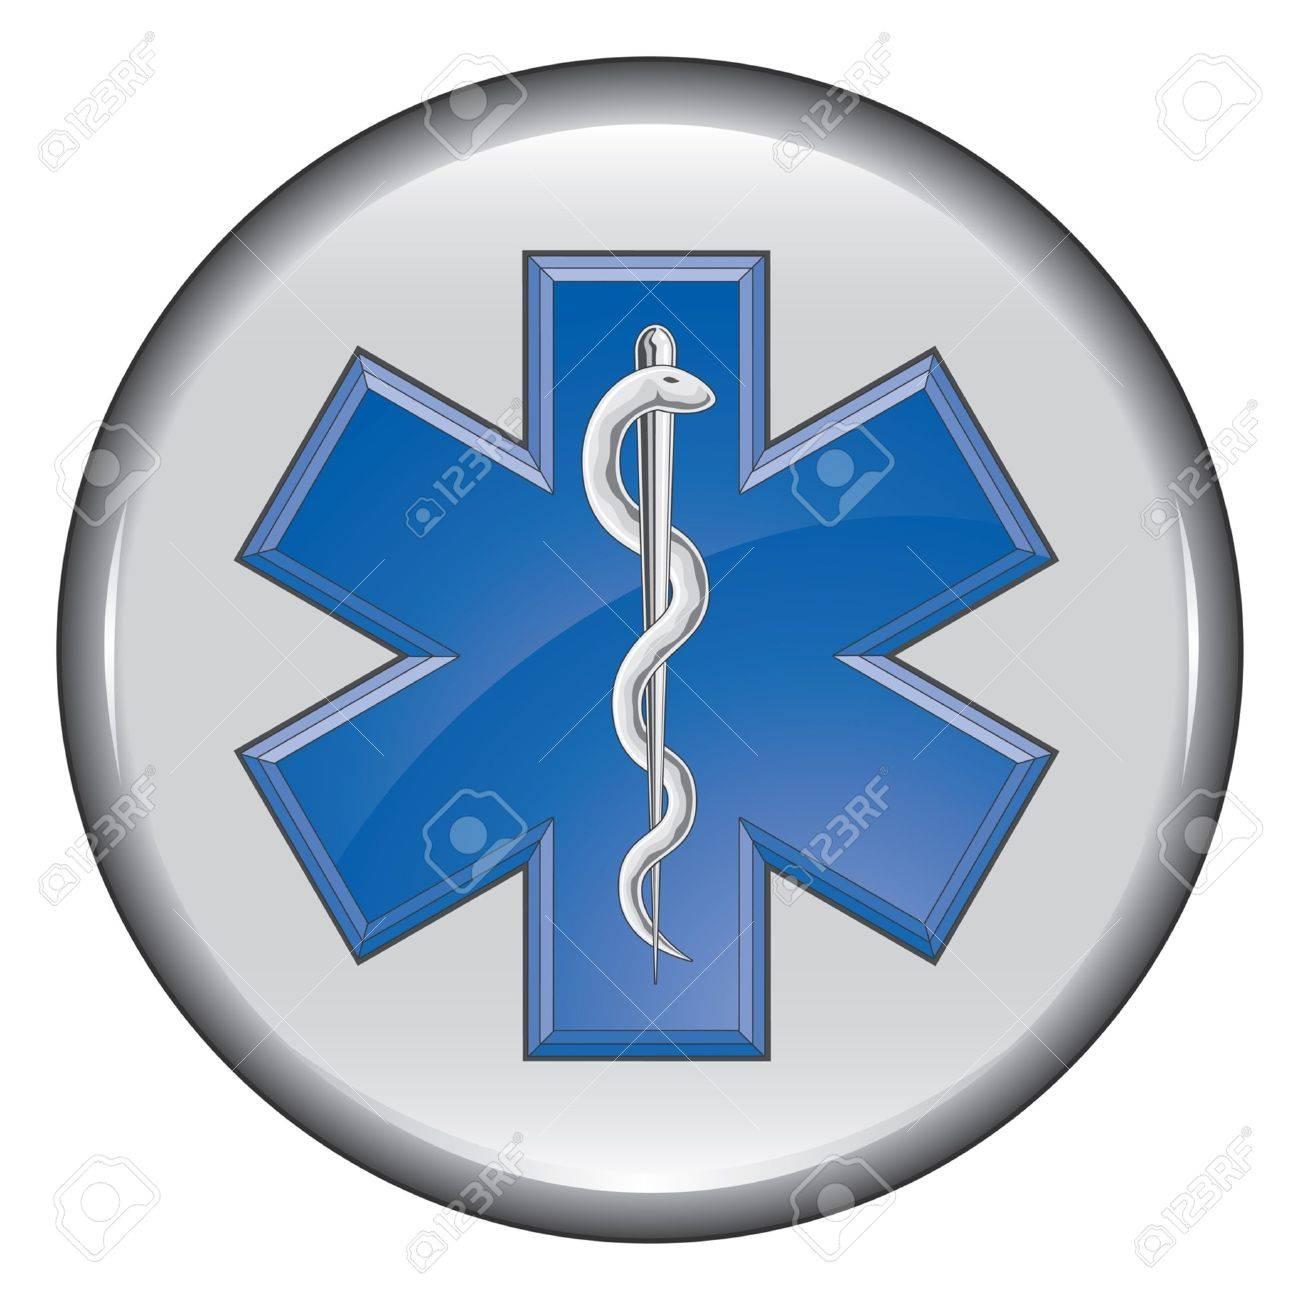 Rescue Paramedic Medical Button - 13704208